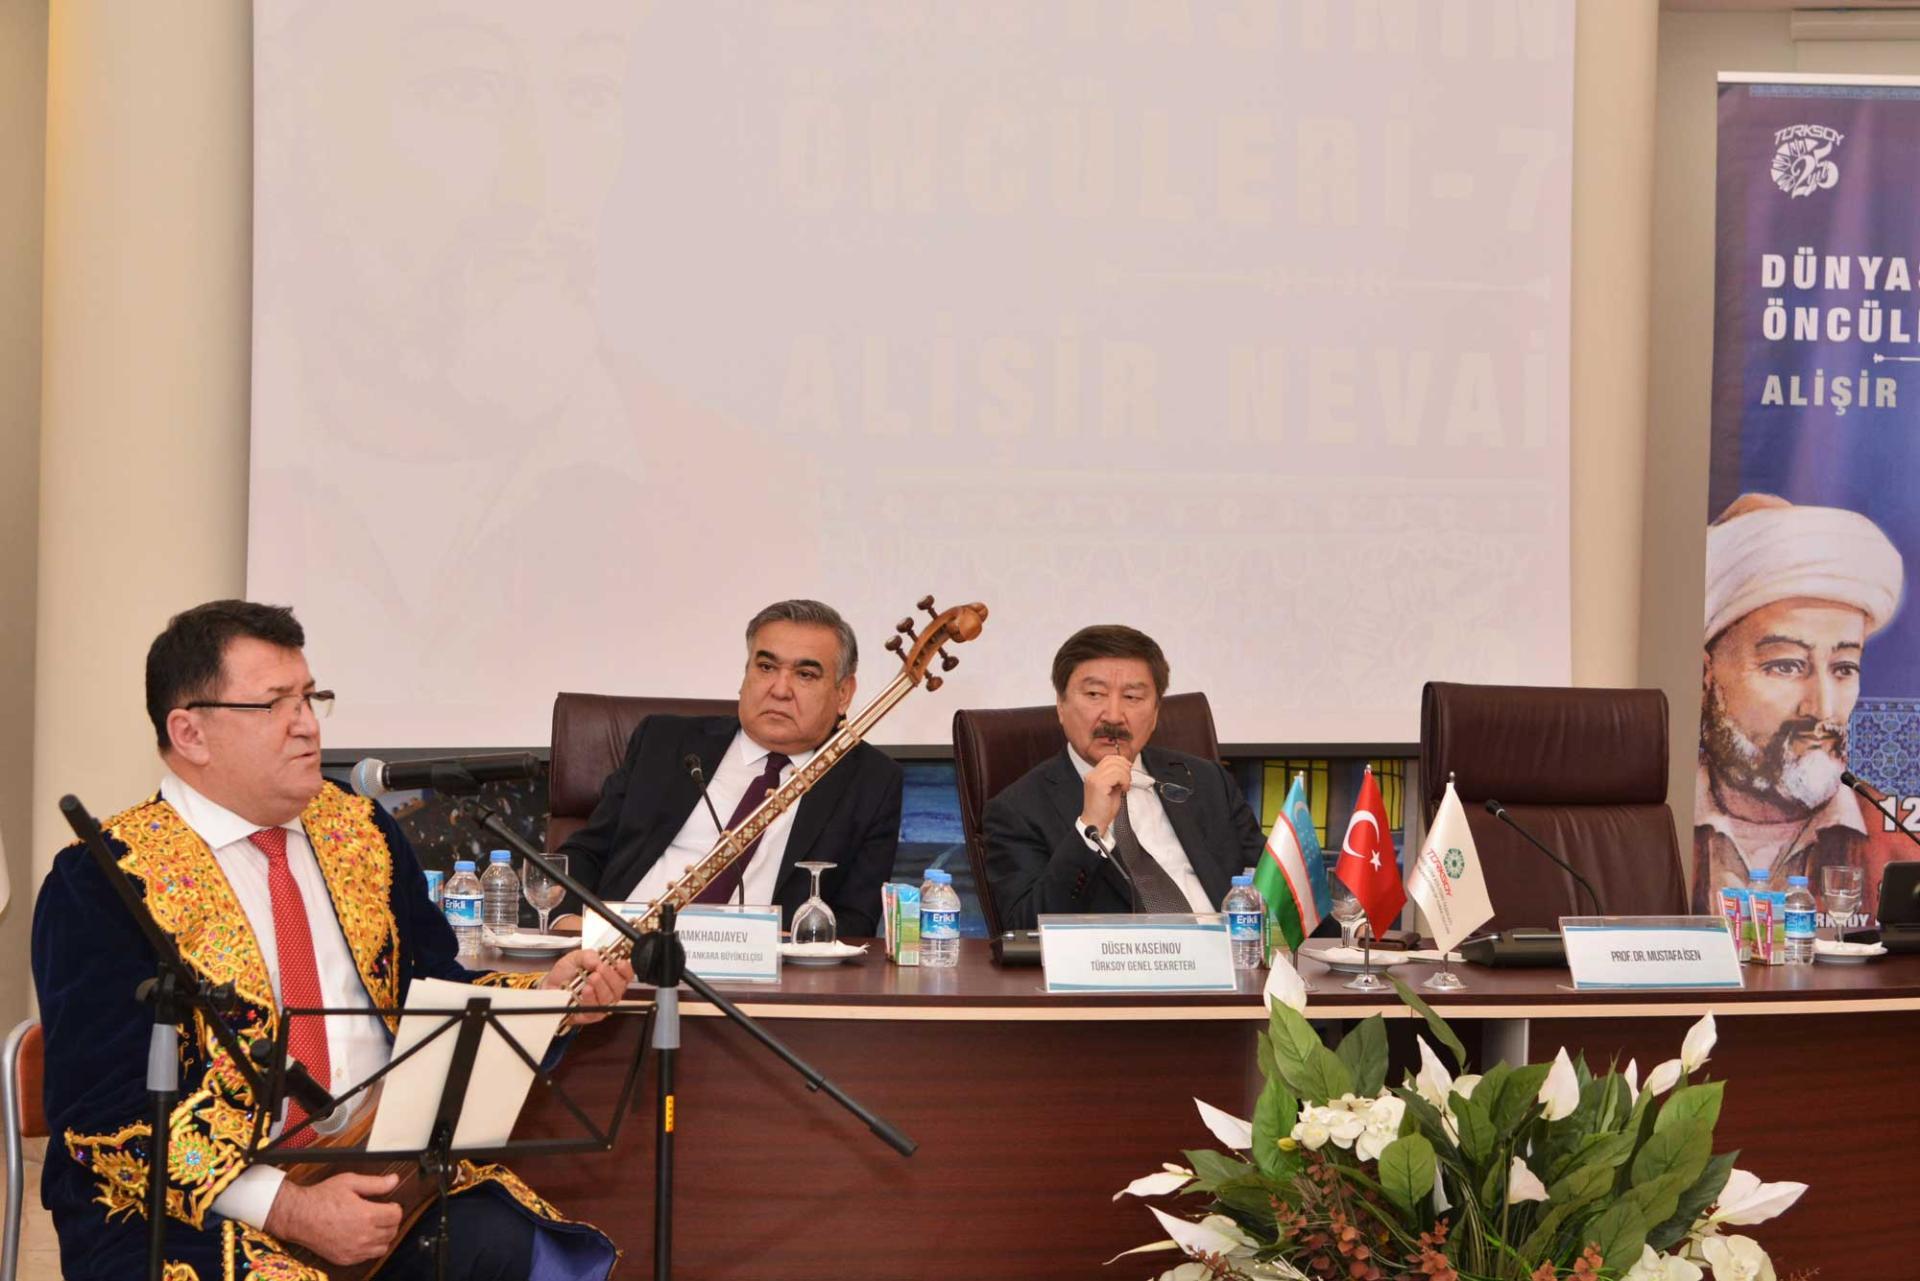 Türk Dünyası Öncüleri Konferansı: Özbek şair Alişir Nevai - Gallery Image